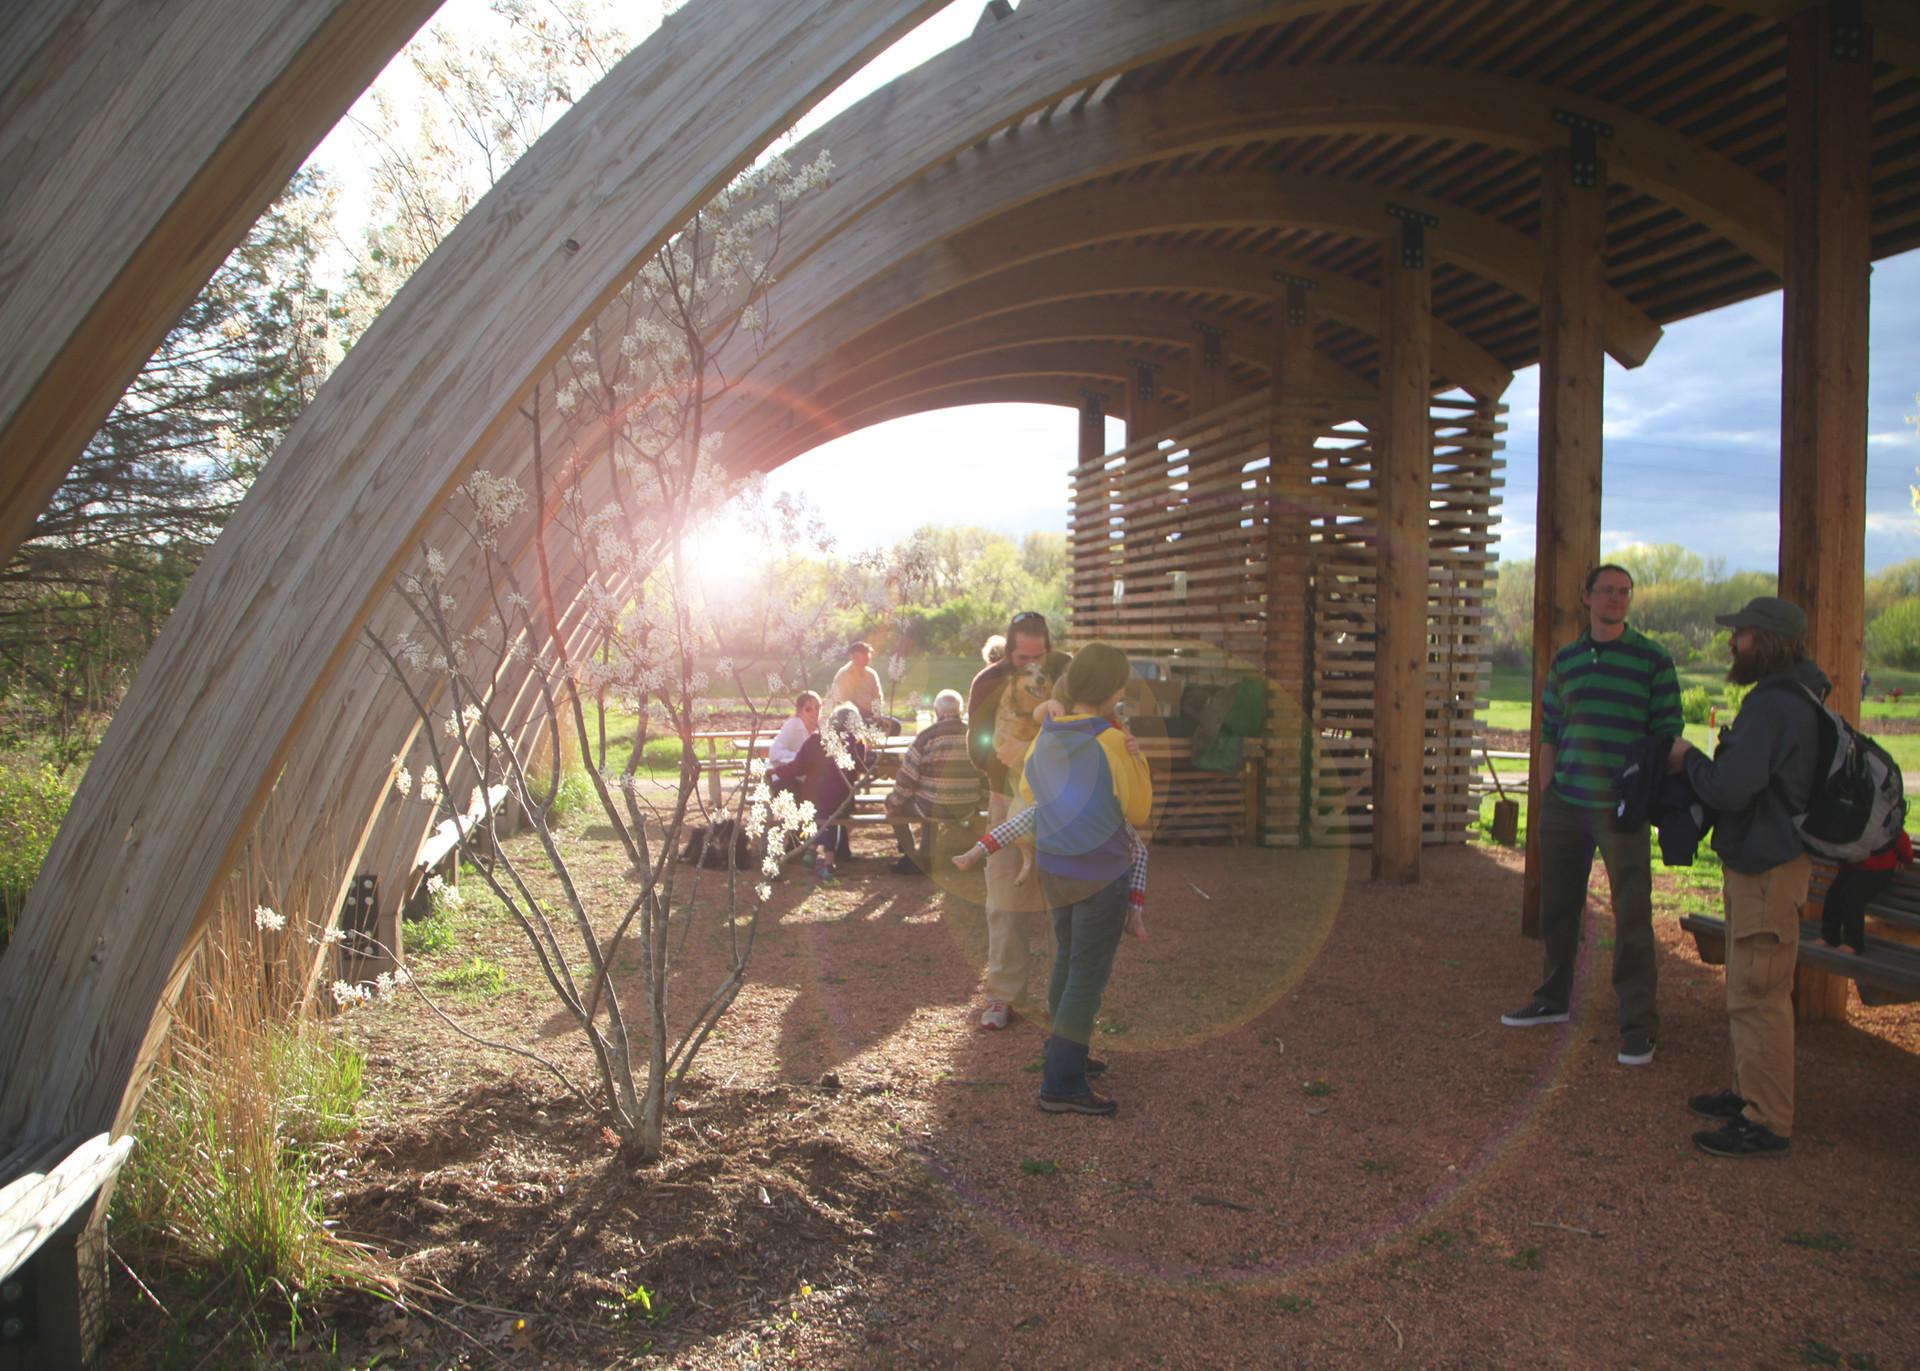 Forest Street Pavilion, Eau Claire